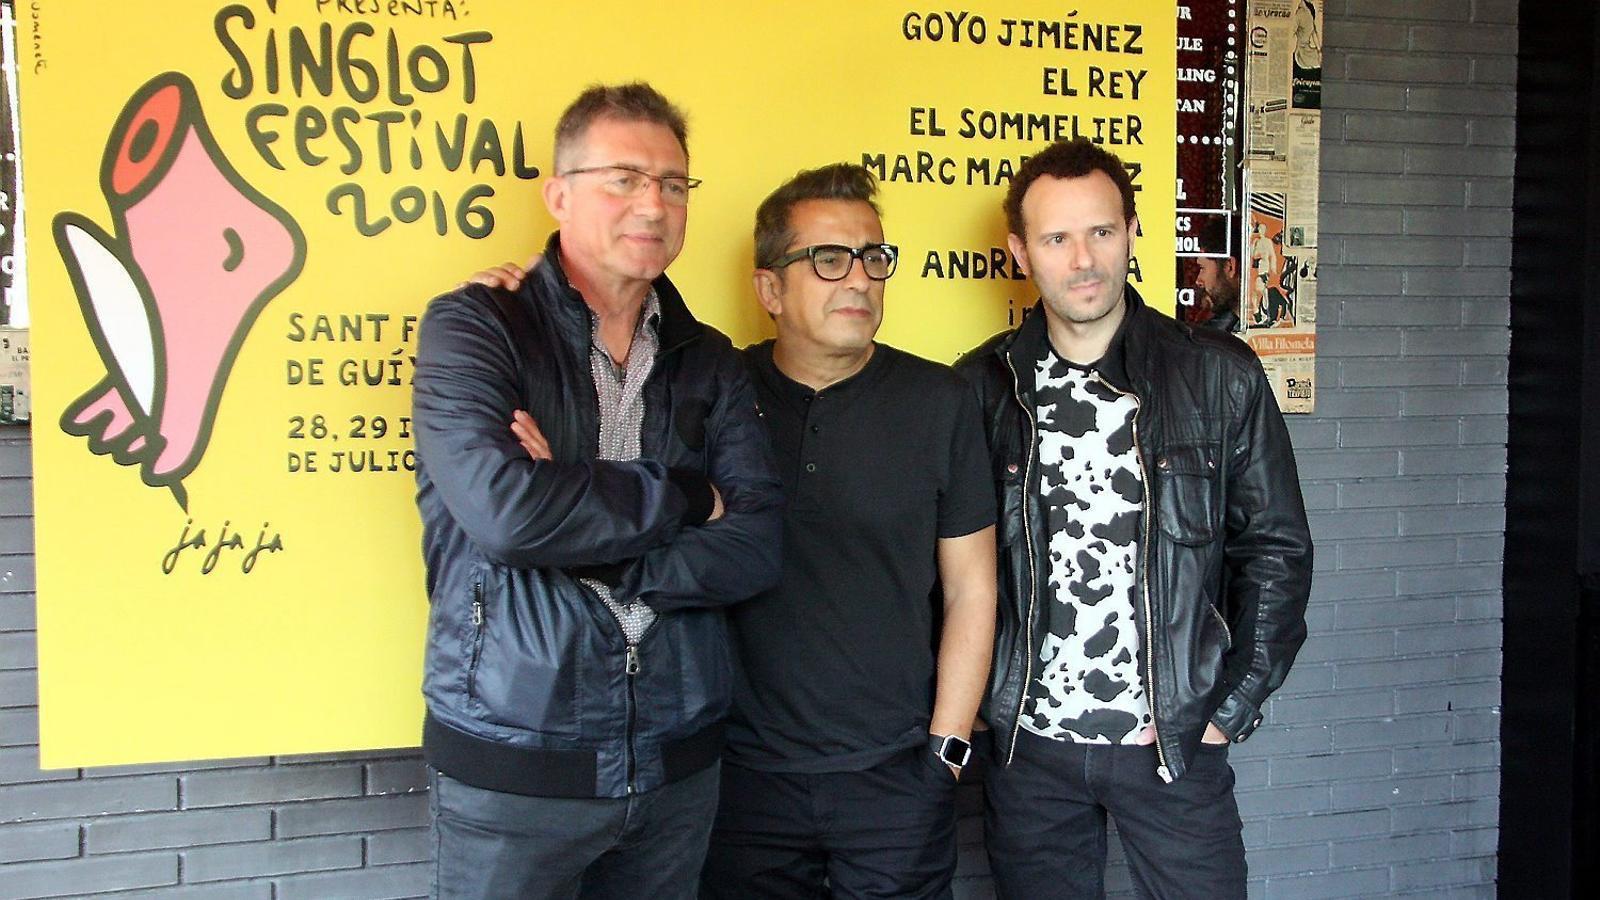 Fermí Fernández, Andreu Buenafuente i Marc Martínez durant la presentació a la sala Barts de la segona edició del Singlot Festival.